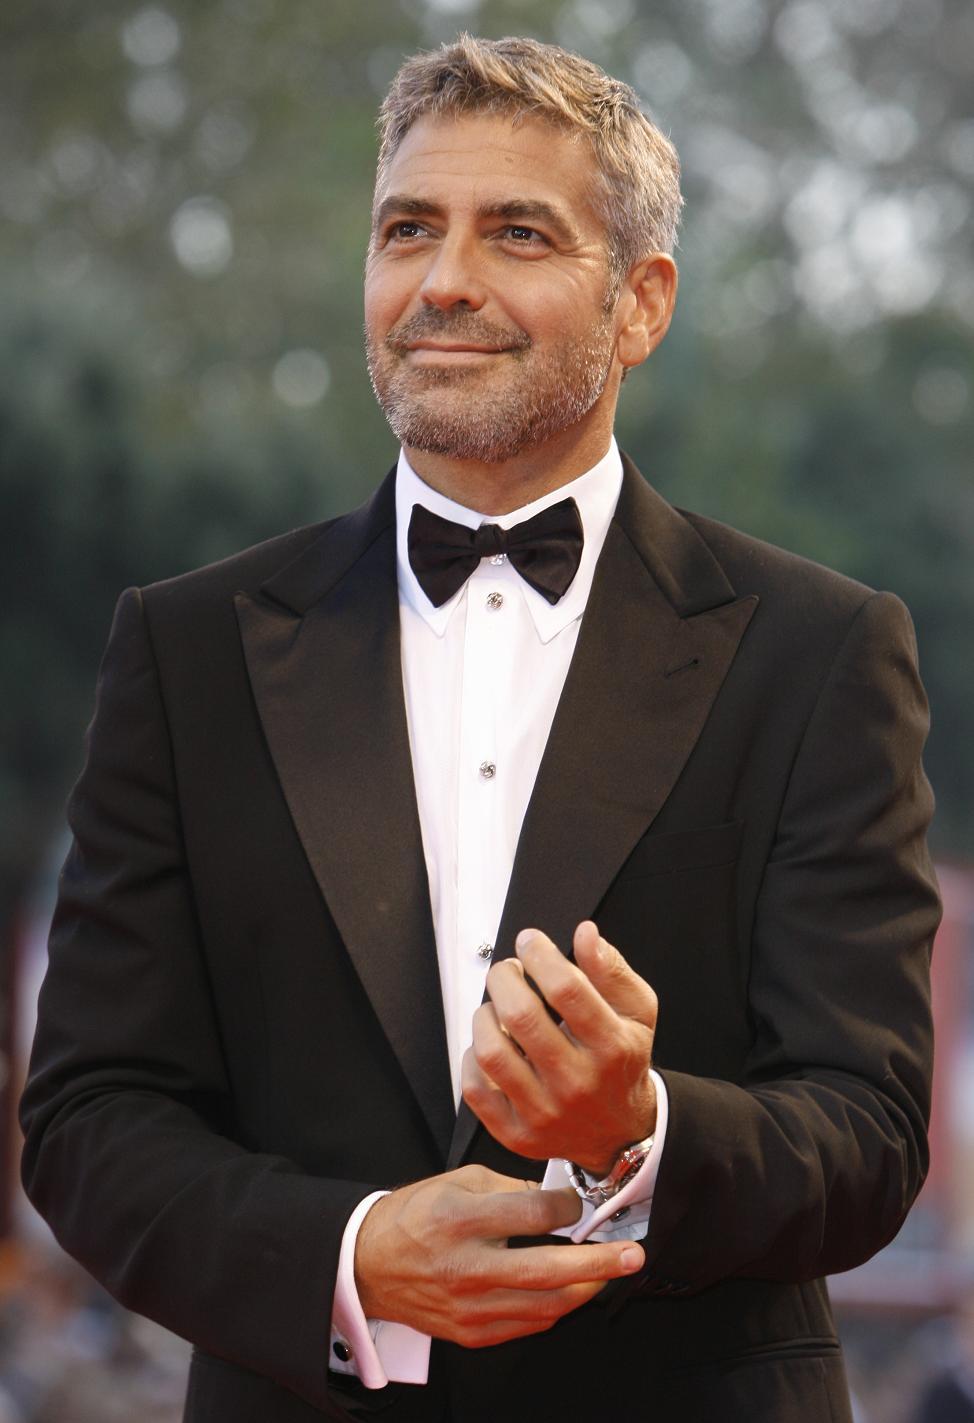 Alguém conhece o cara aí da foto? Ele é um simples ator / diretor / roteirista / produtor / modelo / ativista que completa 52 anos hoje. George Clooney pode não ser o cara mais estiloso do mundo, mas com certeza é um dos mais charmosos. E muito desse charme vem das suas escolhas na hora de se vestir, optando por conjuntos simples e nunca exagerando na dose. É comum vermos ele aparecer vestindo camisas lisas, calças básicas e sapatos discretos. E isso significa falta de elegância? Como já falamos aqui, estilo não precisa vir acompanhado de excesso. Pelo contrário, na maioria das vezes, é inimigo dele. É algo que vem da pessoa e do seu bom gosto na hora de escolher a roupa. E com o cara aí de cima é assim: nada de exageros para estar sempre muito bem vestido.